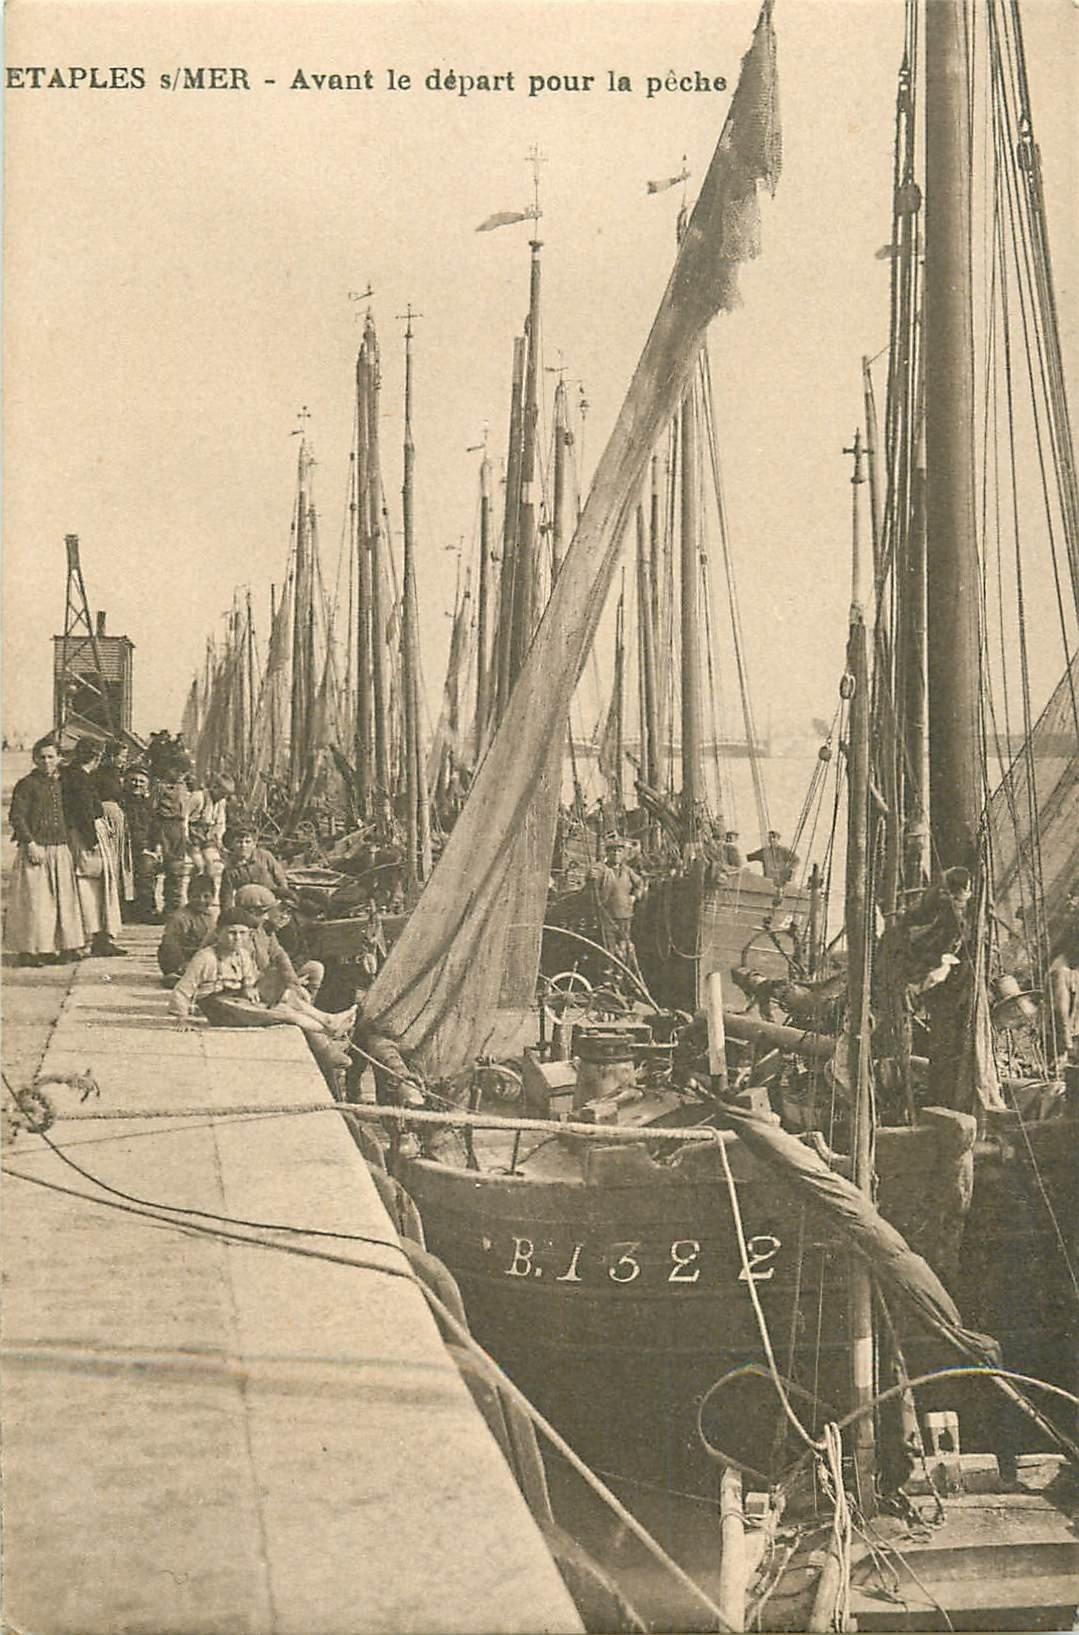 62 ETAPLES-SUR-MER. Avant le départ pour la Pêche. Pêcheurs et bateaux. Métiers de la Mer